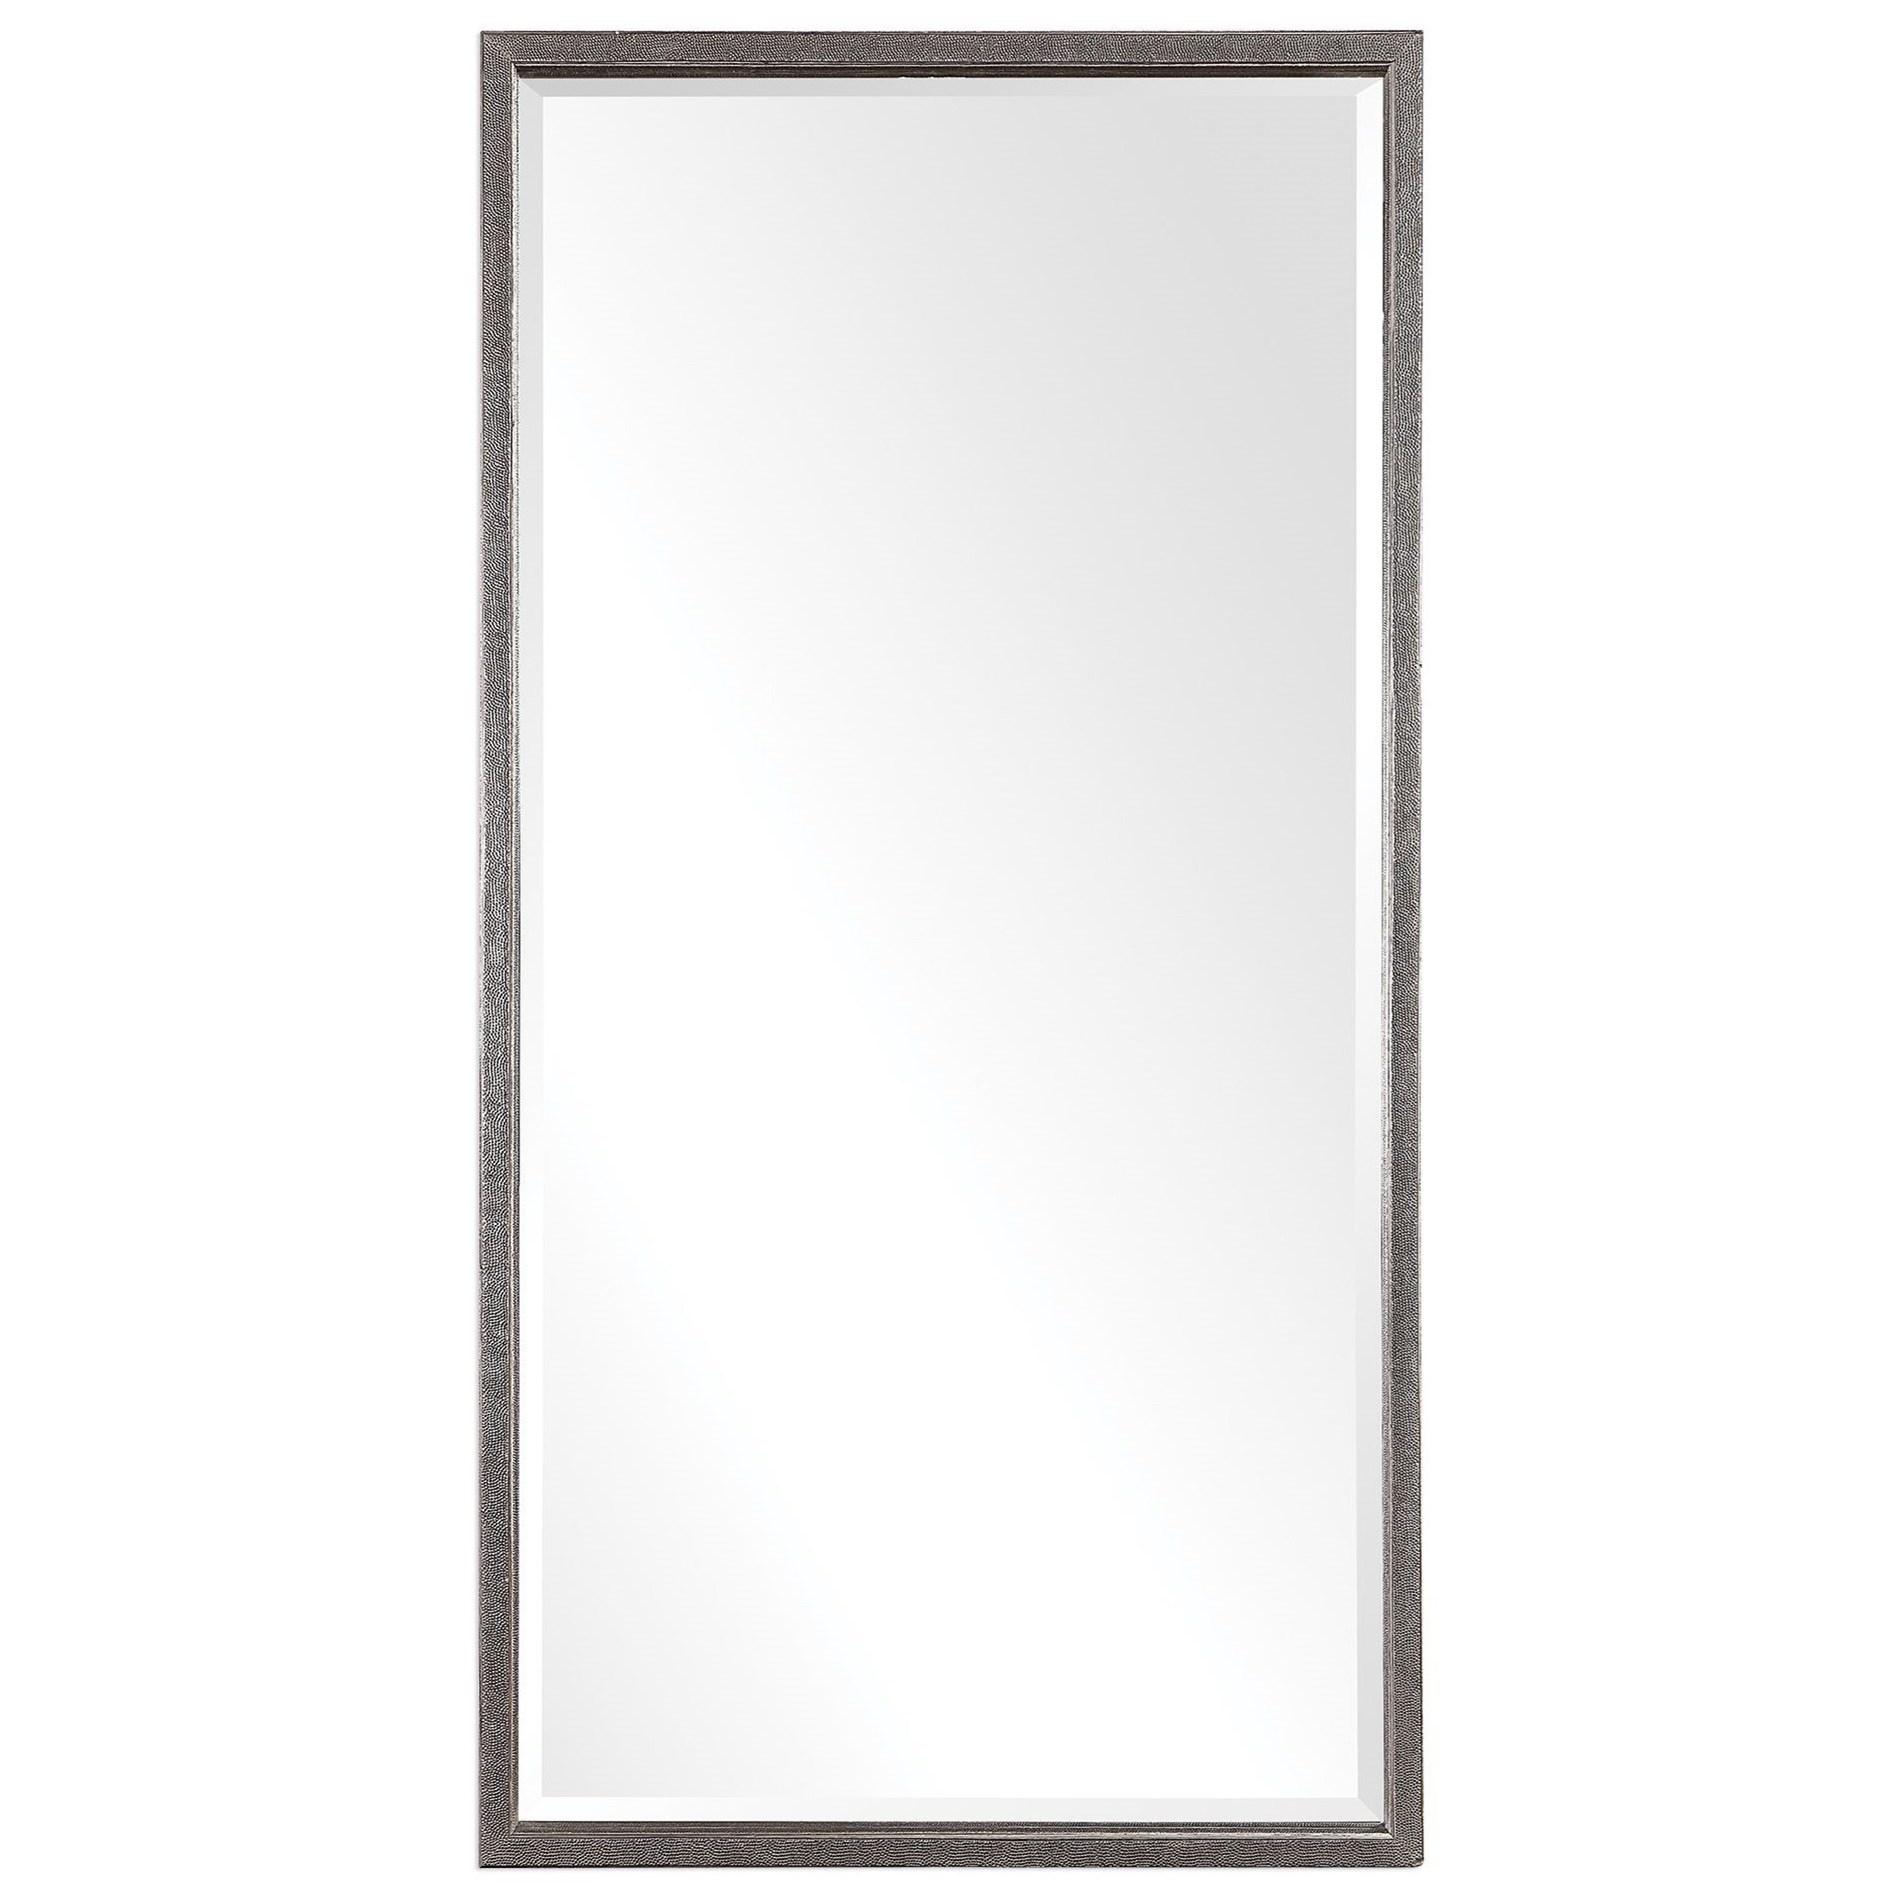 Gabelle Metallic Silver Mirror